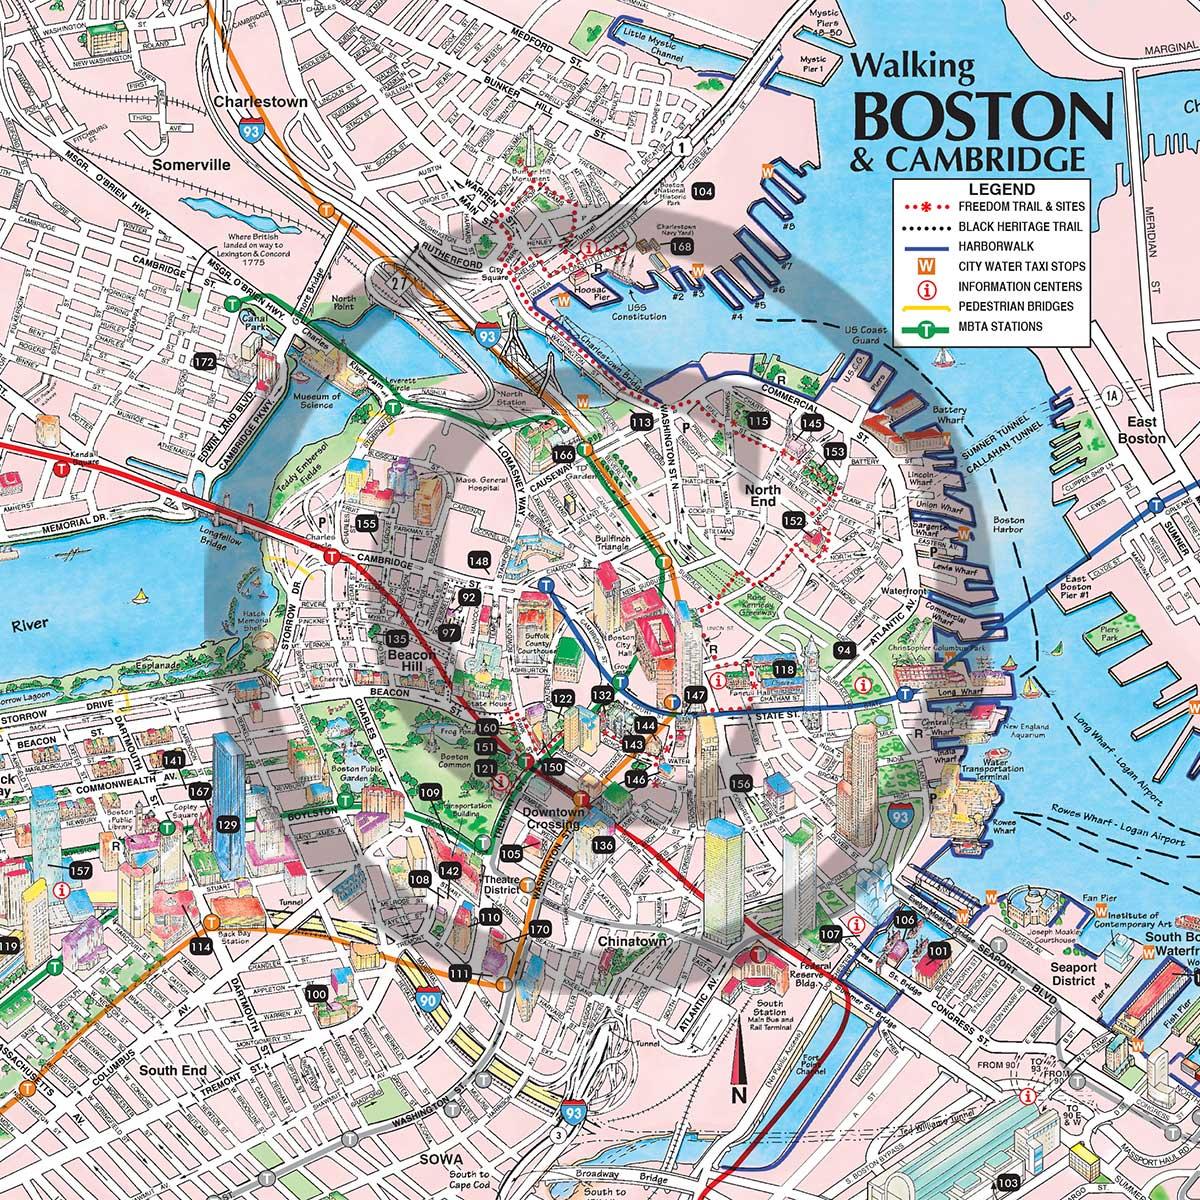 Buy Boston Walking Driving Maps Online Boston Tourist Maps